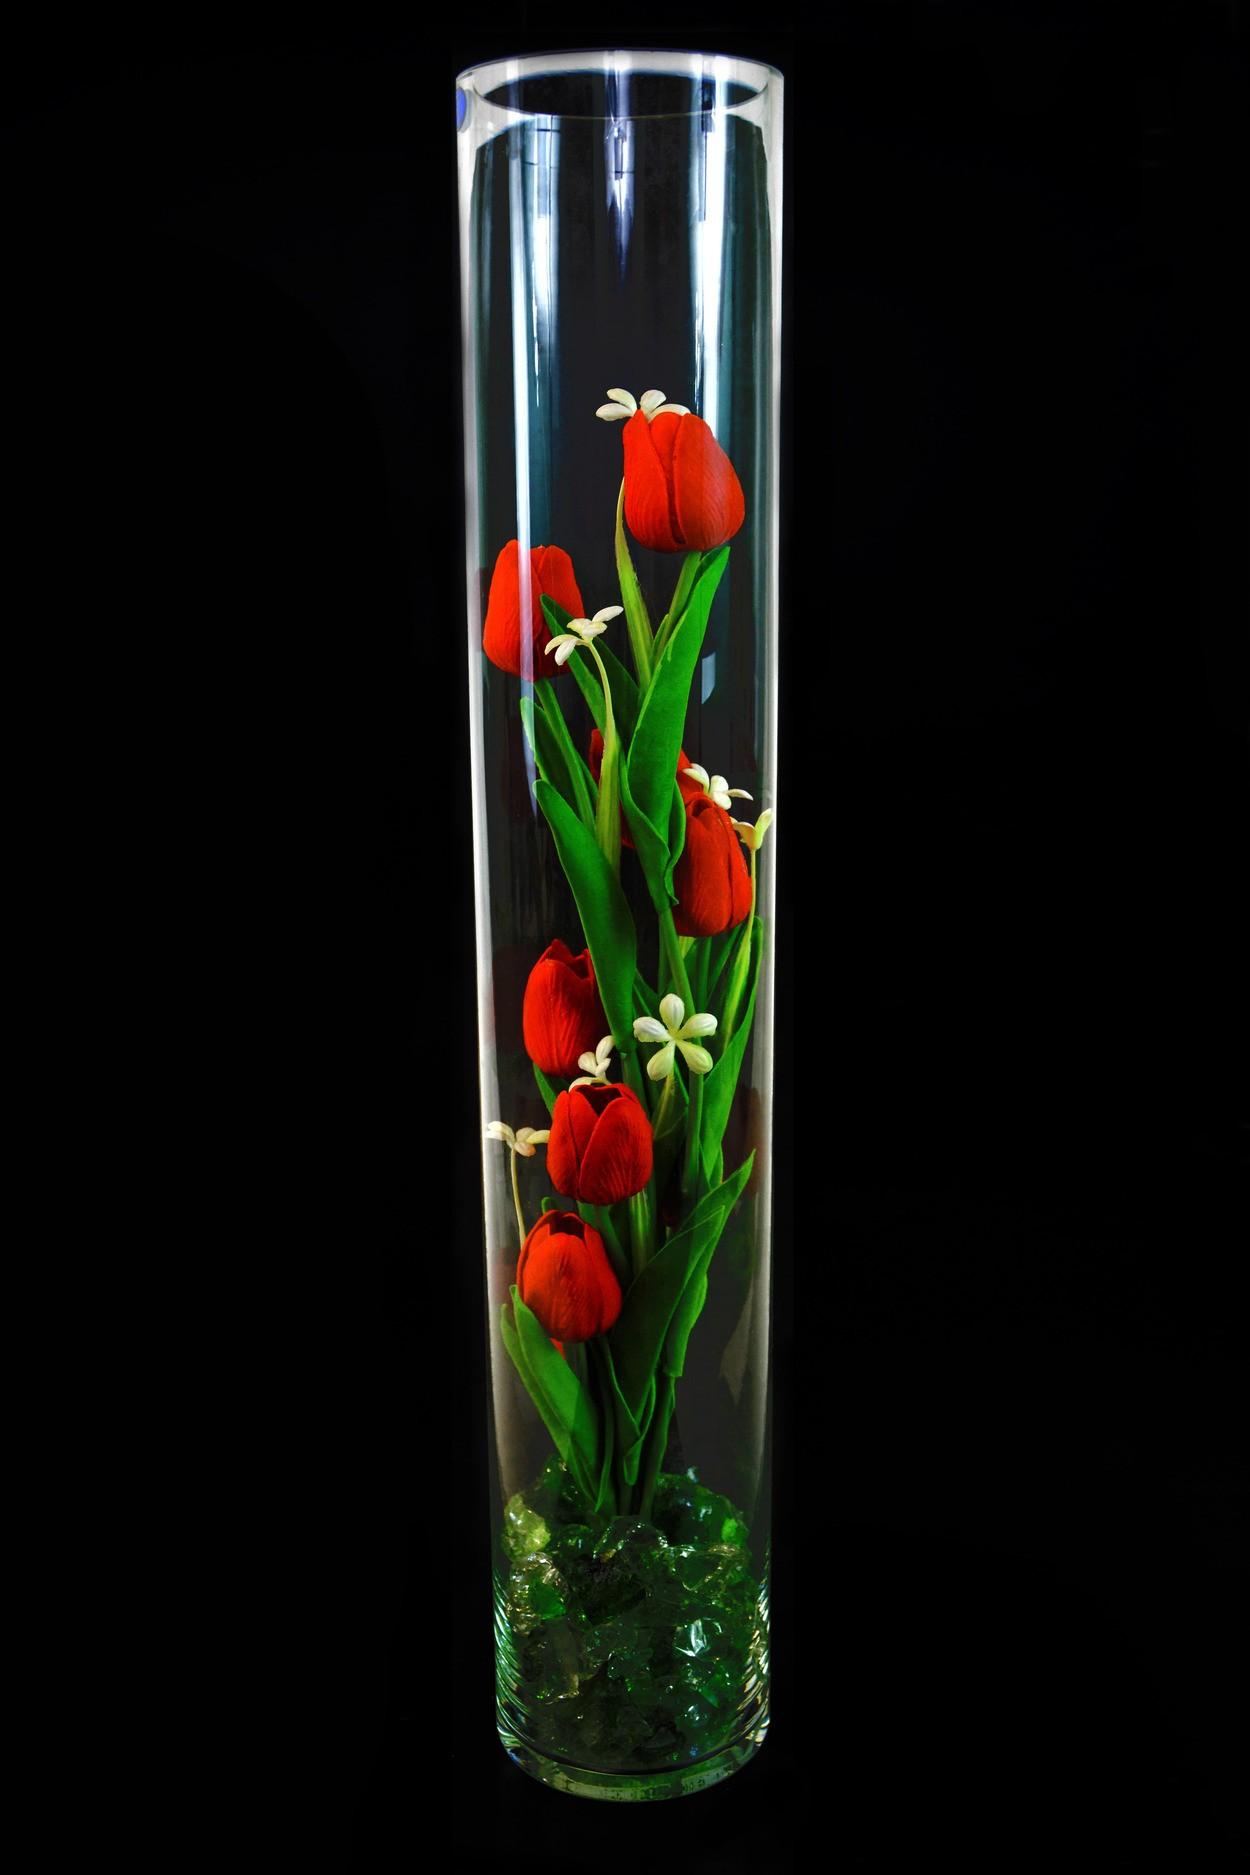 Ночник светящиеся тюльпаны 9шт Красные(зел) в Москве